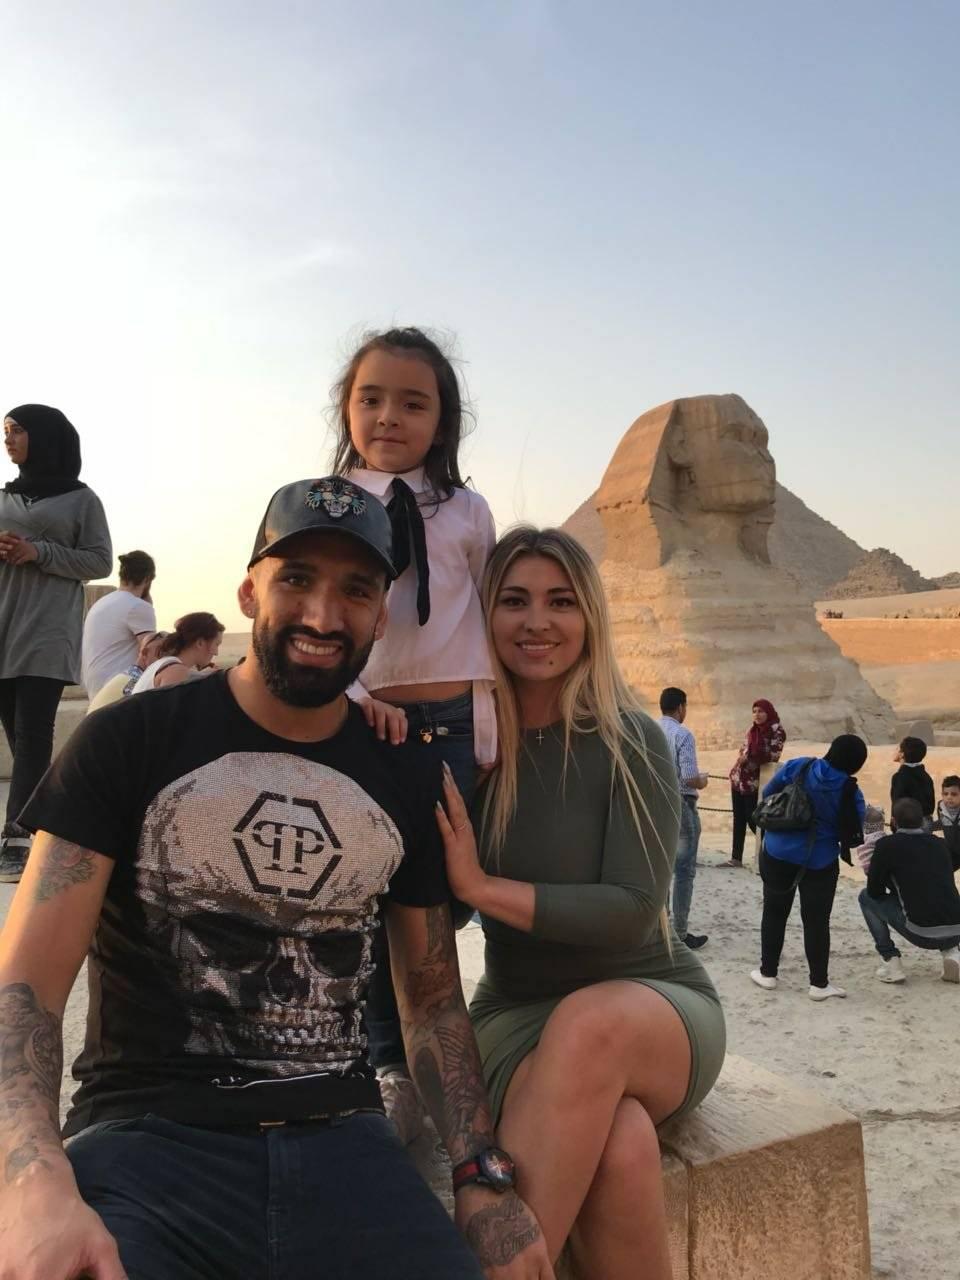 La vida familiar ha sido difícil para Fernández en Medio Oriente. Su mujer y su hija van y vienen entre Chile y Arabia Saudita / Foto: Gentileza